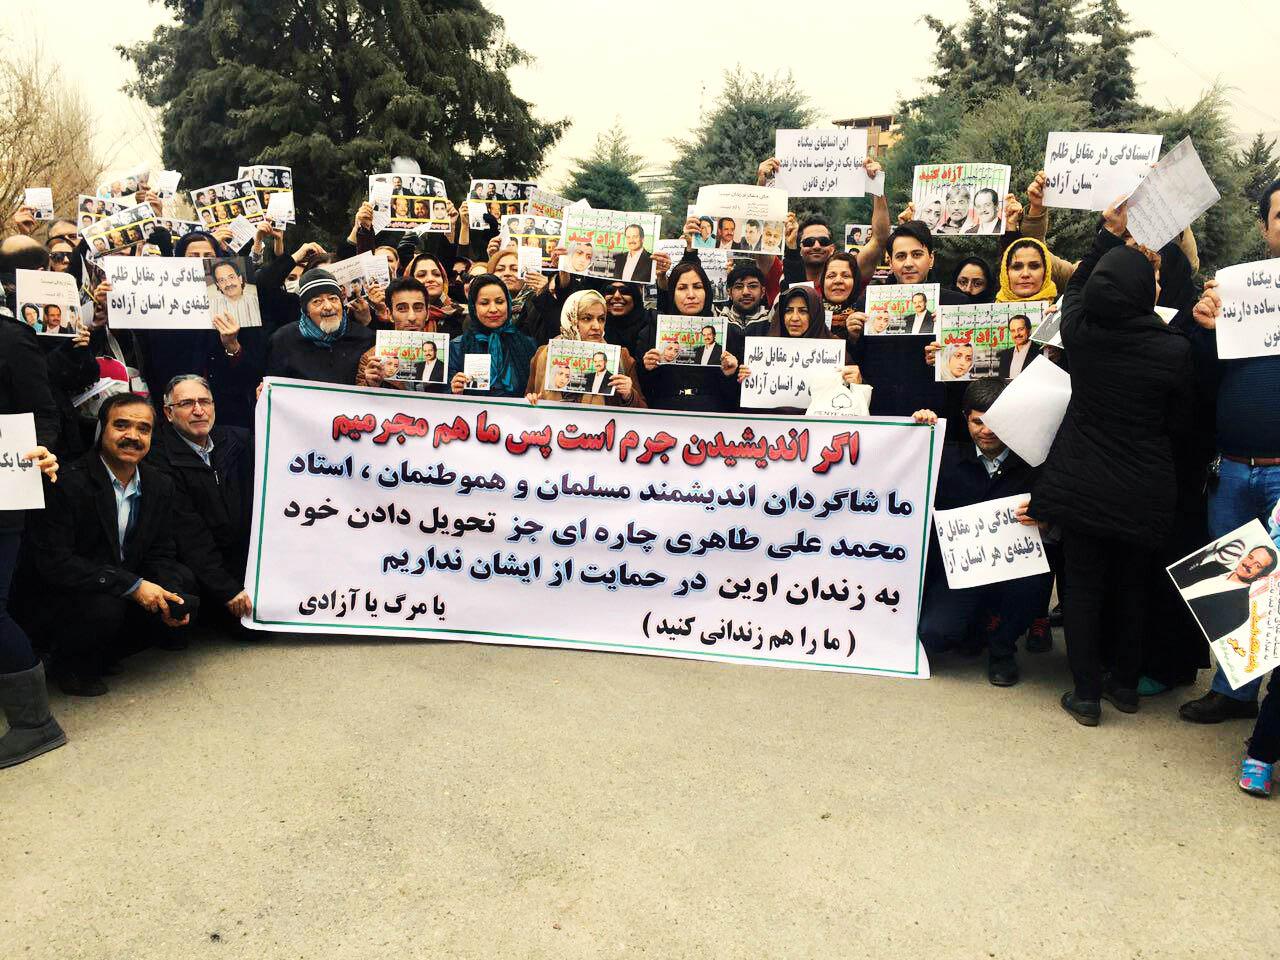 چهارمین تجمع هواداران محمدعلی طاهری مقابل زندان اوین